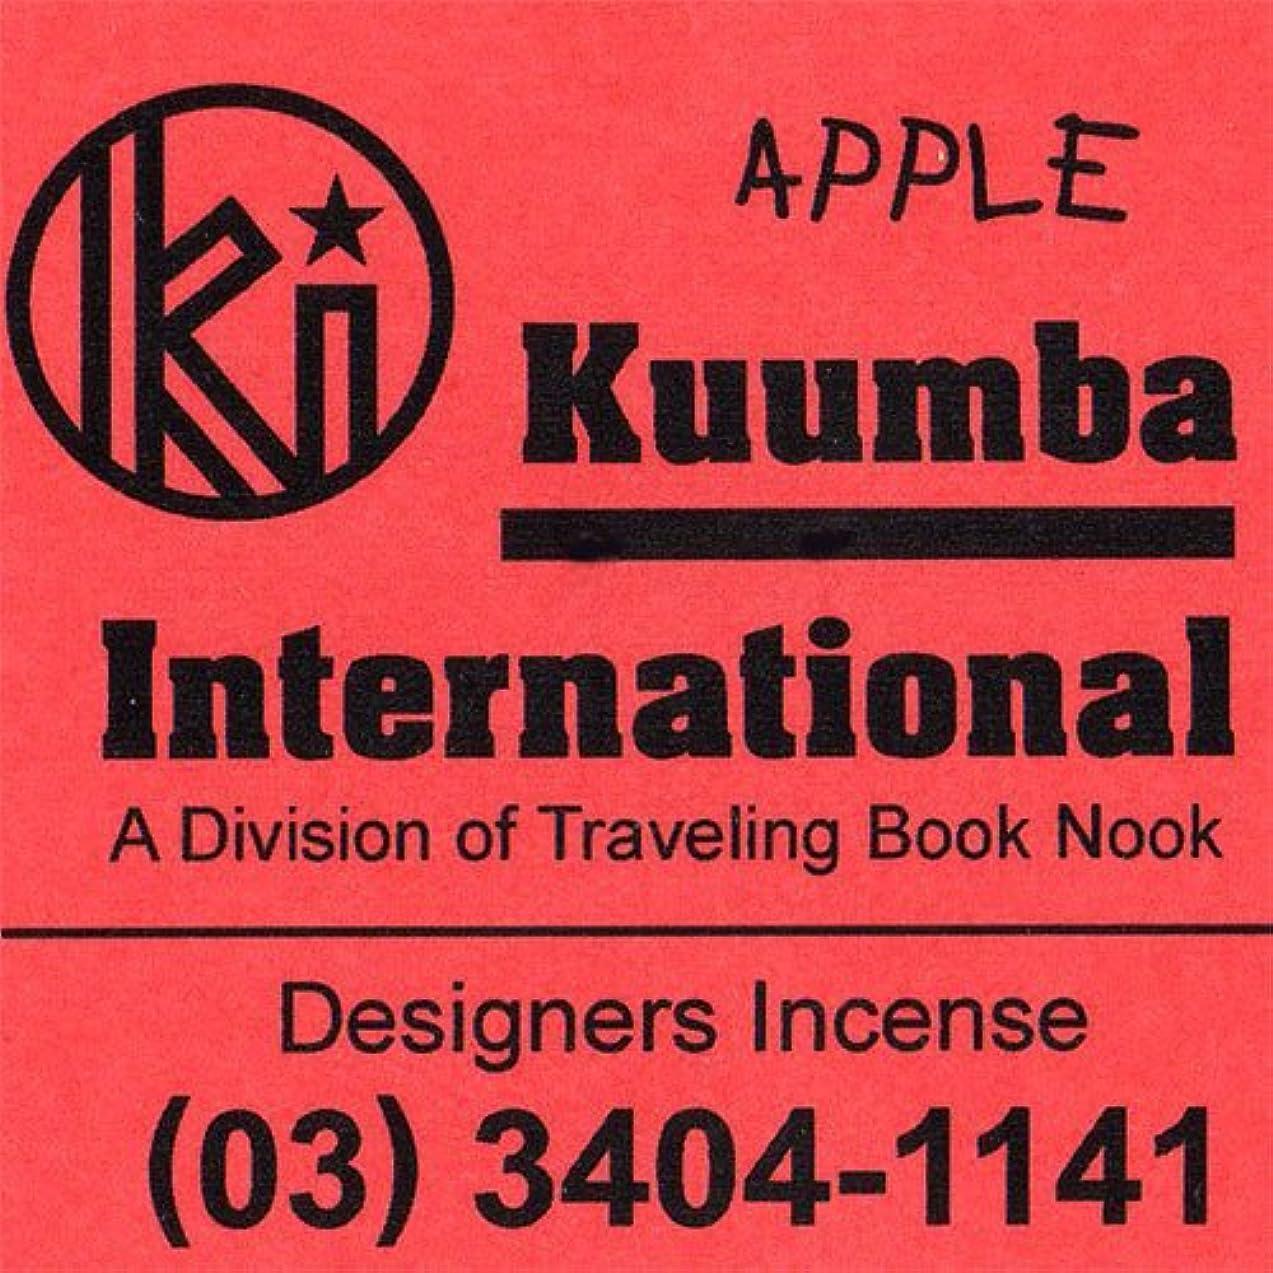 スパークダイジェスト使い込むKUUMBA / クンバ『incense』(APPLE) (Regular size)